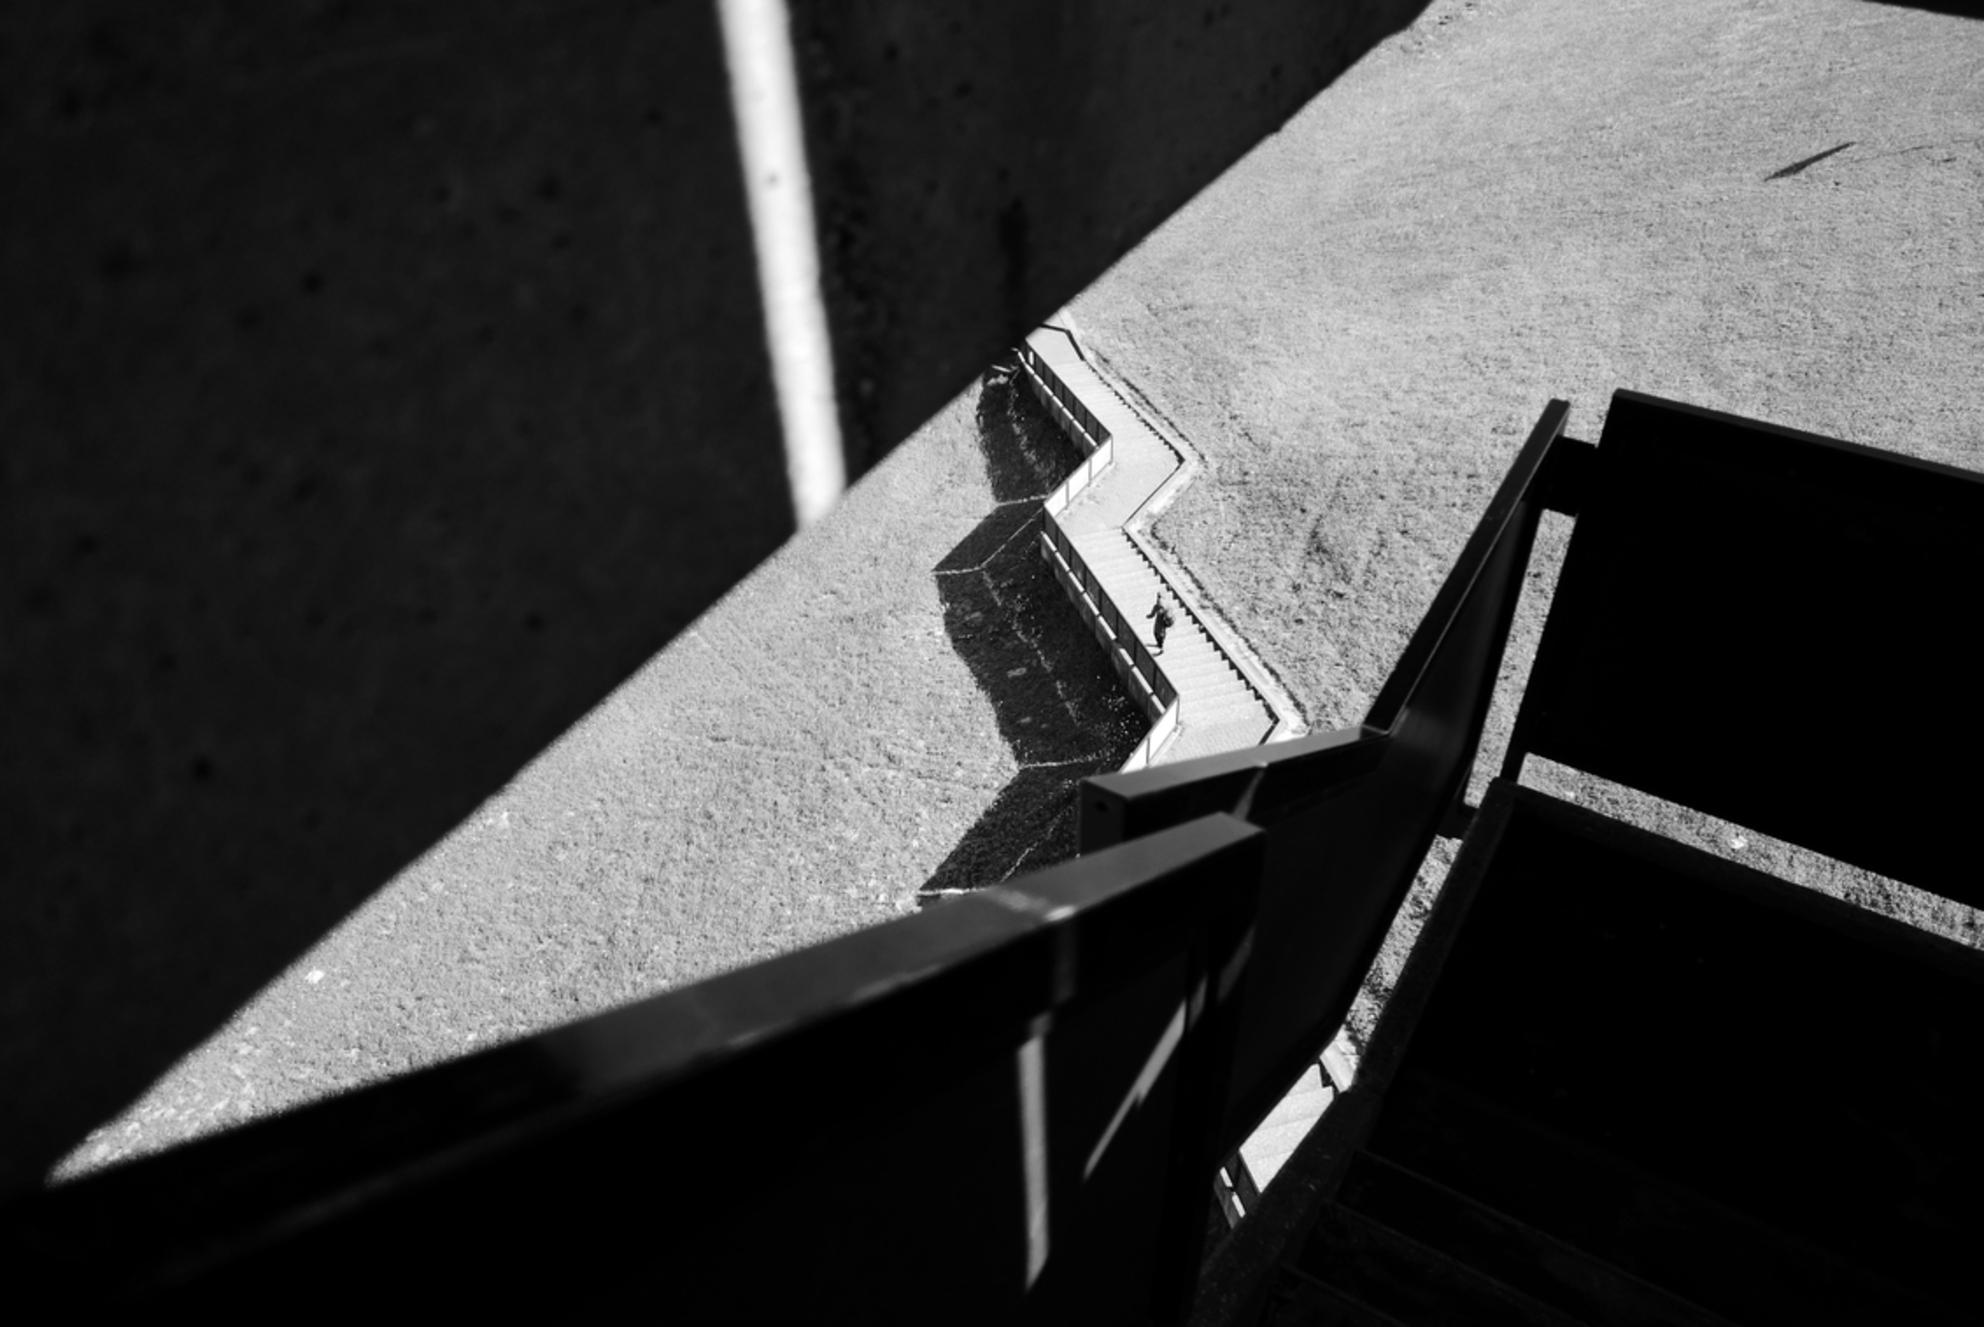 Volg het pad... - Krammersluizen - Genomen vanaf de uitkijktoren die aan de Krammersluizen (Zeeland) staan. - foto door Krulkoos op 18-05-2020 - deze foto bevat: trap, abstract, tower, lijnen, architectuur, pad, silhouette, zeeland, perspectief, driehoek, trappen, zwartwit, wandelen, scherp, wandelpad, stairs, uitkijktoren, walking, triangle, monochroom, architecture, monochrome, wandelaar, blackandwhite, zwartenwit, path, leica, silhouettes, staircase, vanboven, krammersluizen, architectural, zwartwitfotografie, krammer, Black and white, maurice weststrate, lx100, thisiszeeland, from above - Deze foto mag gebruikt worden in een Zoom.nl publicatie